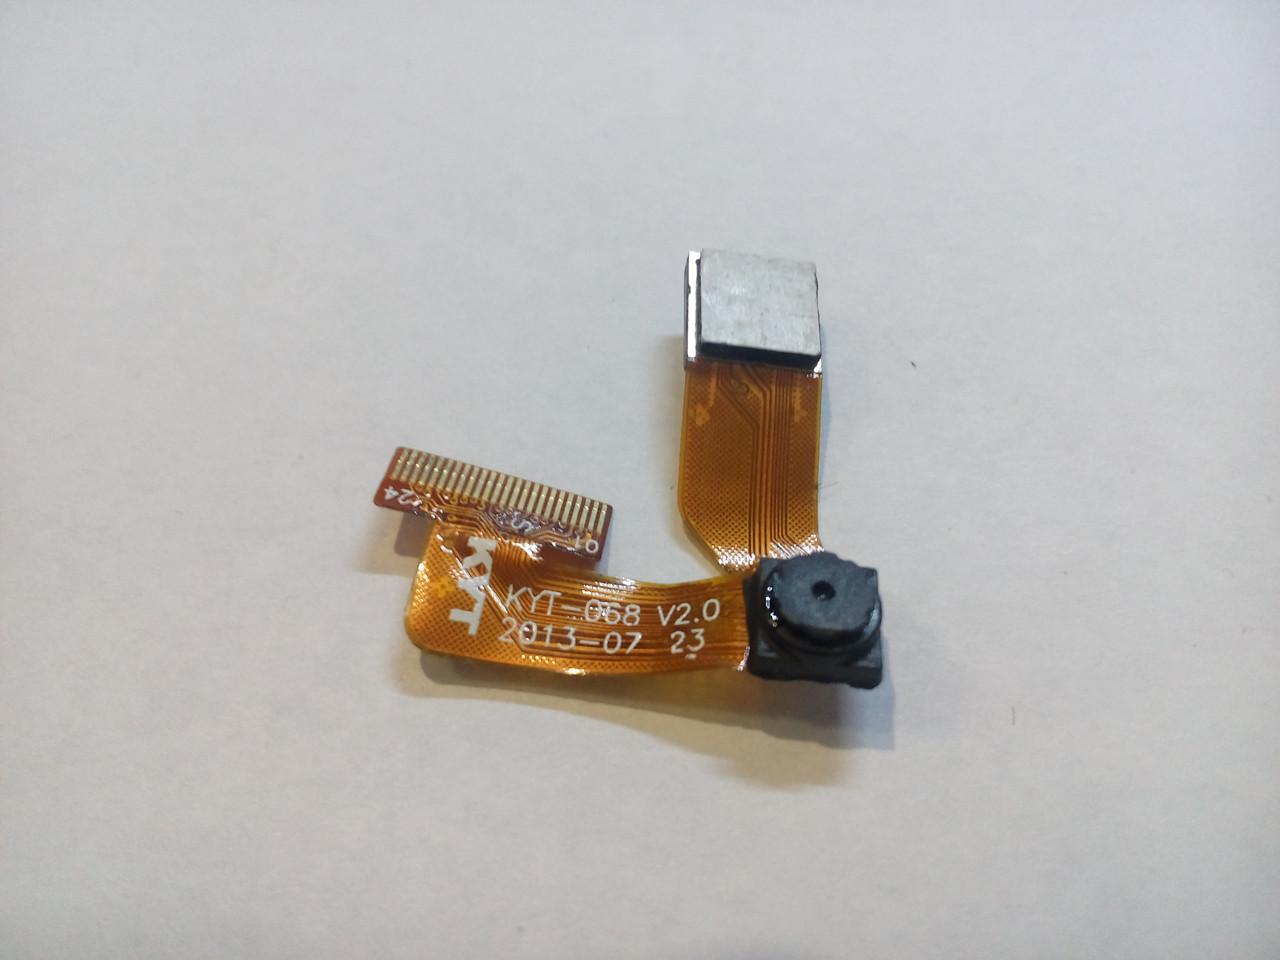 Камера для планшета подвійна 24 pin KYT-068 V2.0